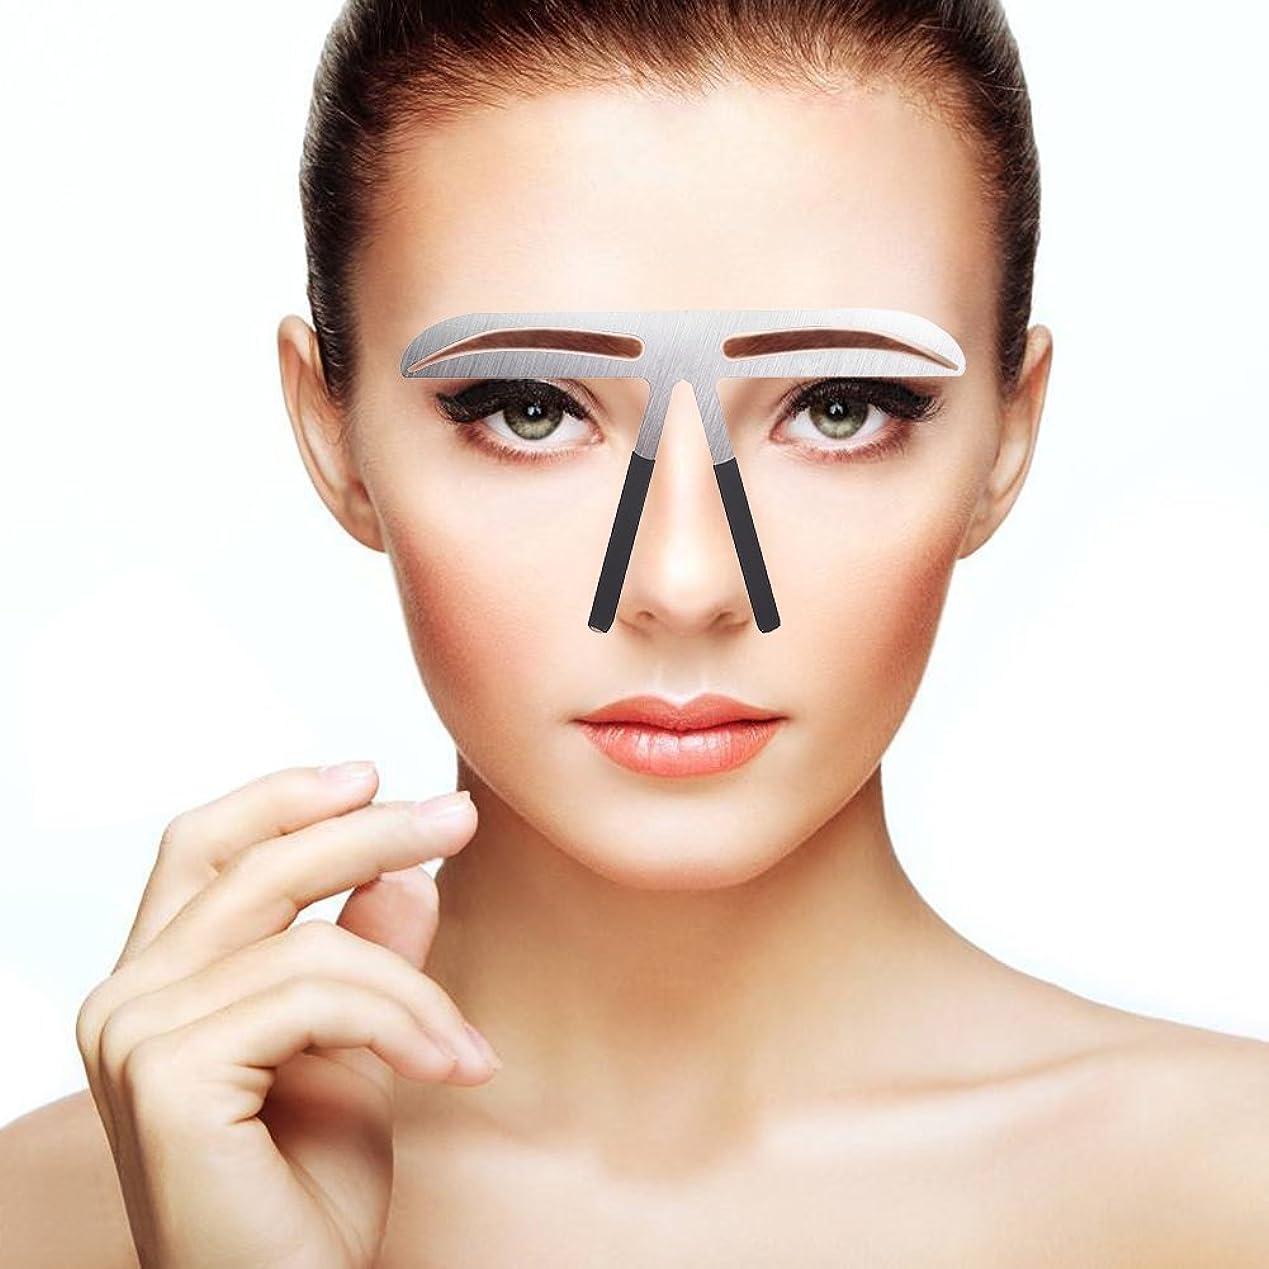 耐久アジャ作詞家眉毛テンプレート 眉毛の定規 メイクアップ 美容ツール アイブローテンプレート アートメイク用定規 美容用 恒久化粧ツール 左右対称 位置決め (04)